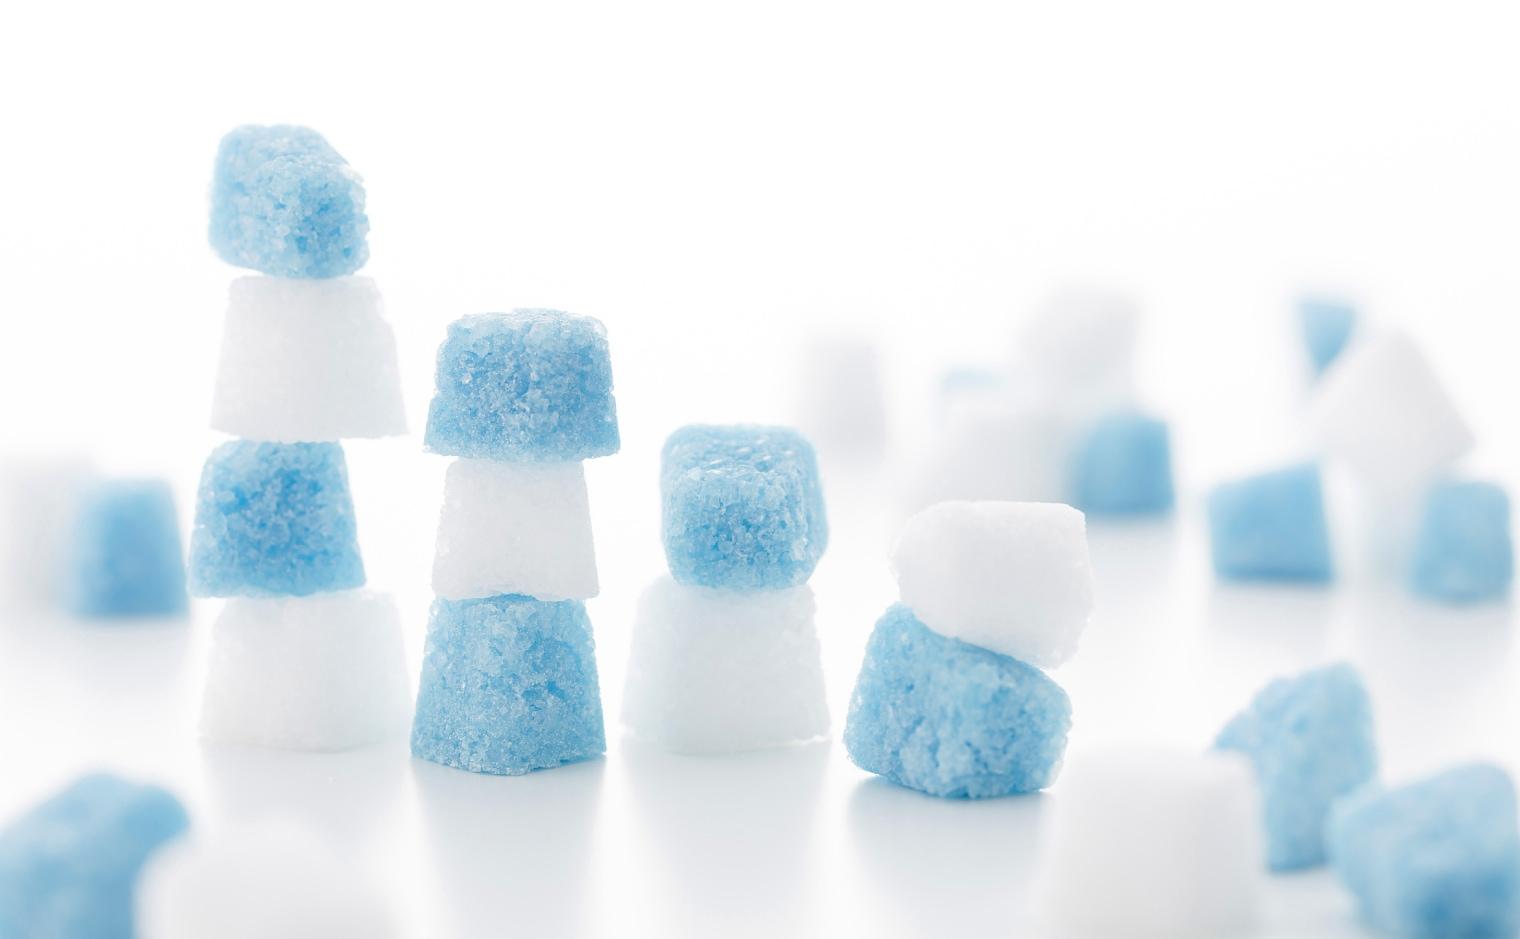 デザインシュガー,物語のある砂糖,かわいい,可愛い,角砂糖,ブルーハワイ,フランス風,ブルー,ハワイ,フレンチ,スカイブルー,カクテル,流氷